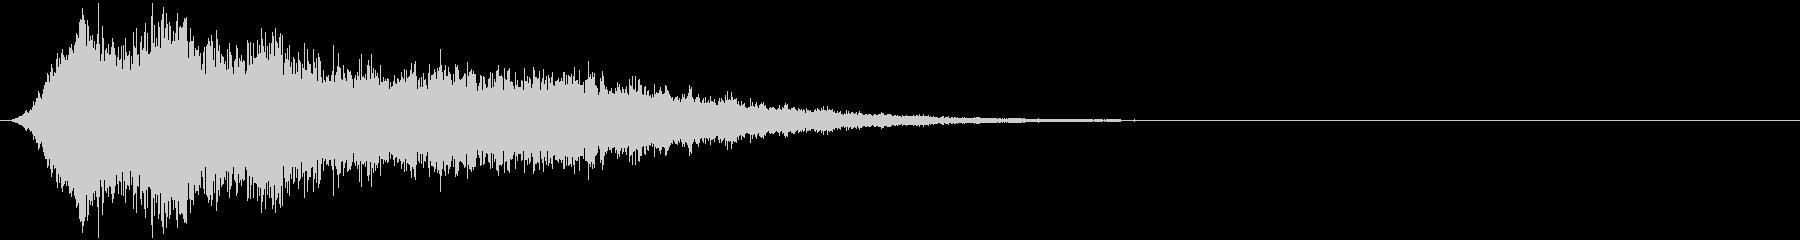 豚の鳴き声;リバーブとエコーを使用...の未再生の波形